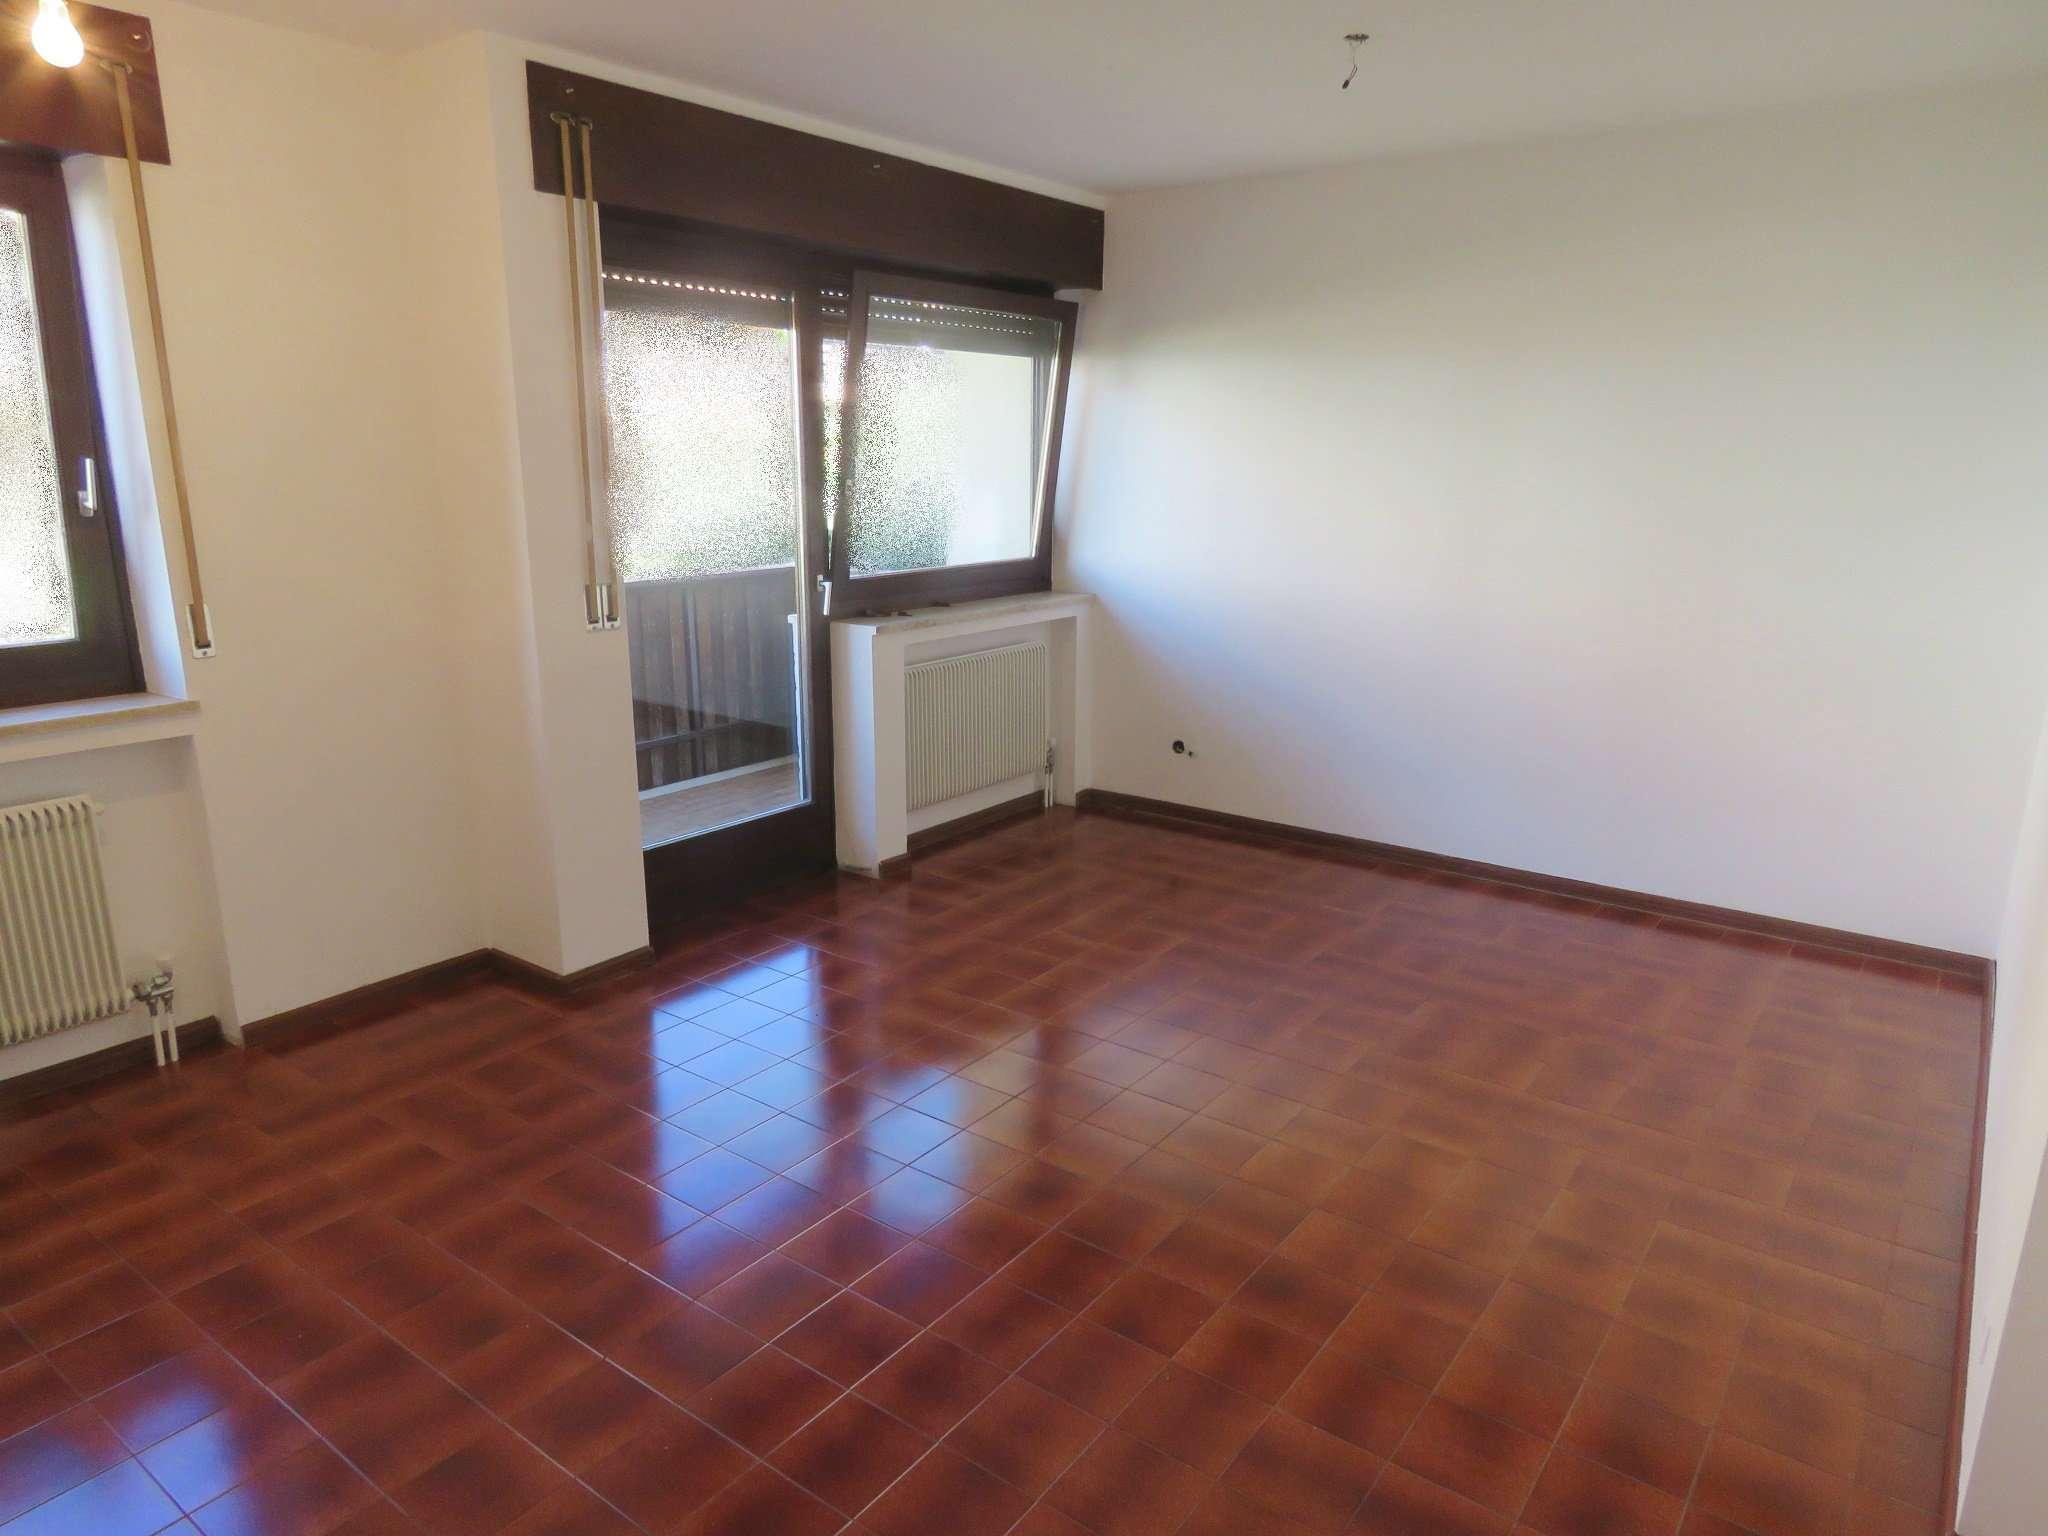 Appartamento in vendita a Ora, 3 locali, prezzo € 253.000 | Cambio Casa.it